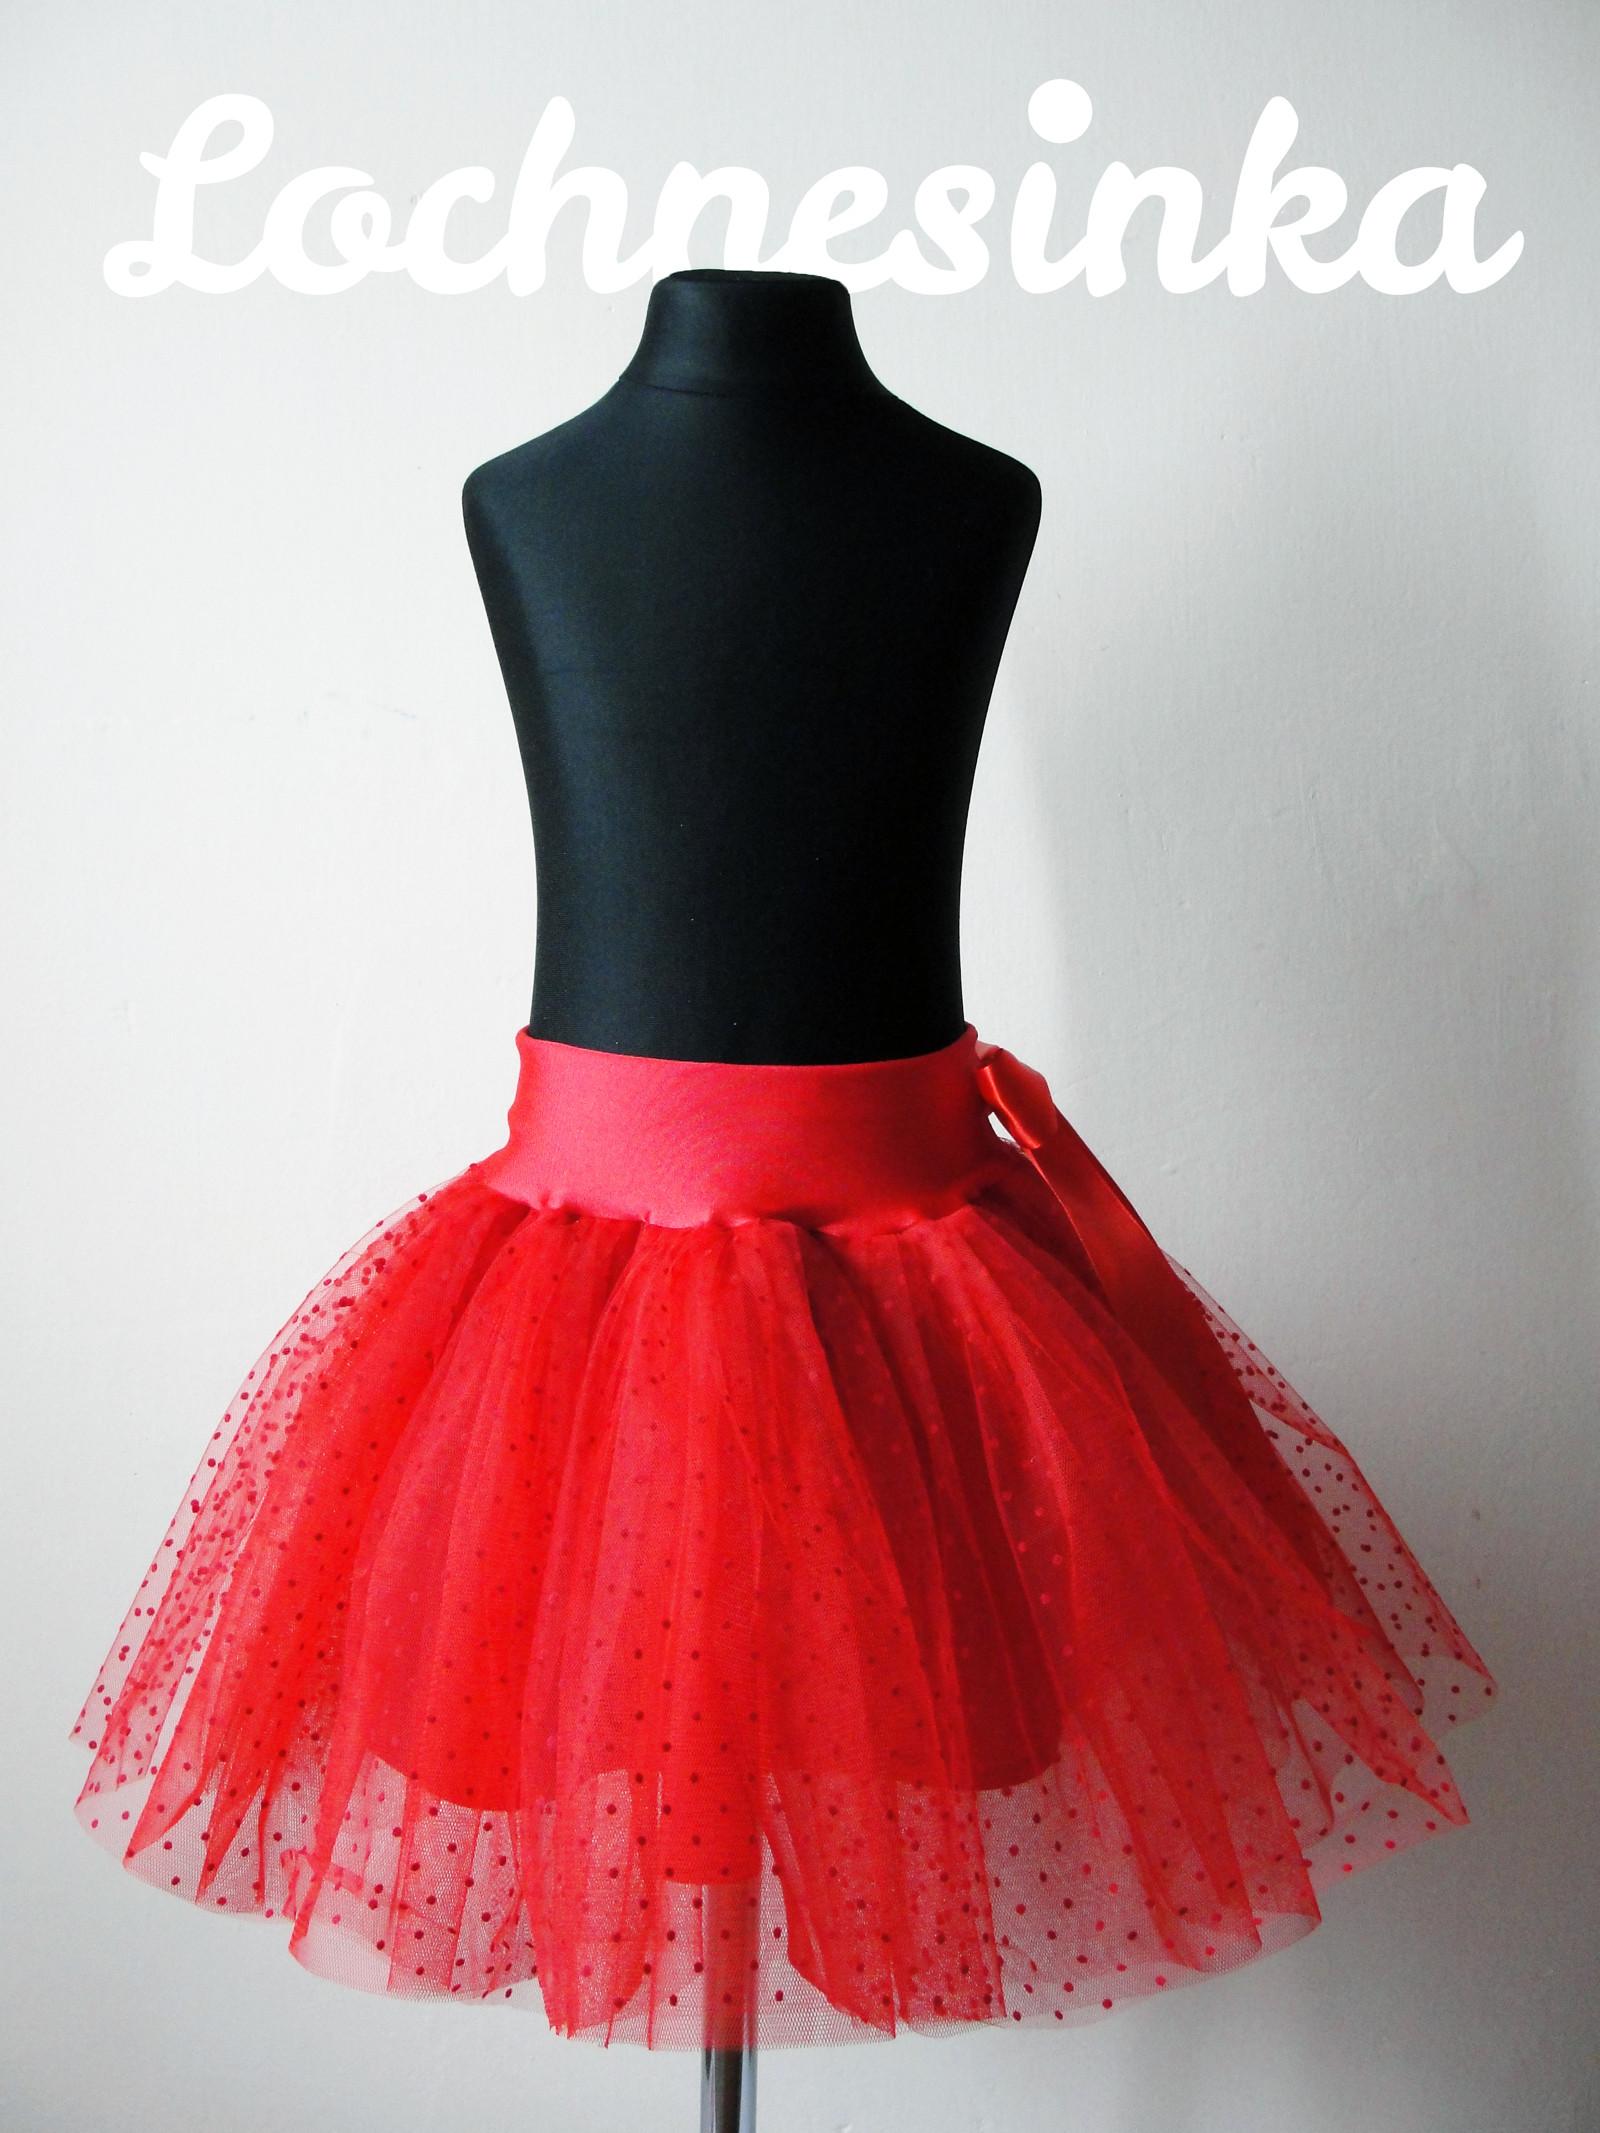 Tylová sukně červená puntíkovaná   Zboží prodejce Lochnesinka  628e3e8e67